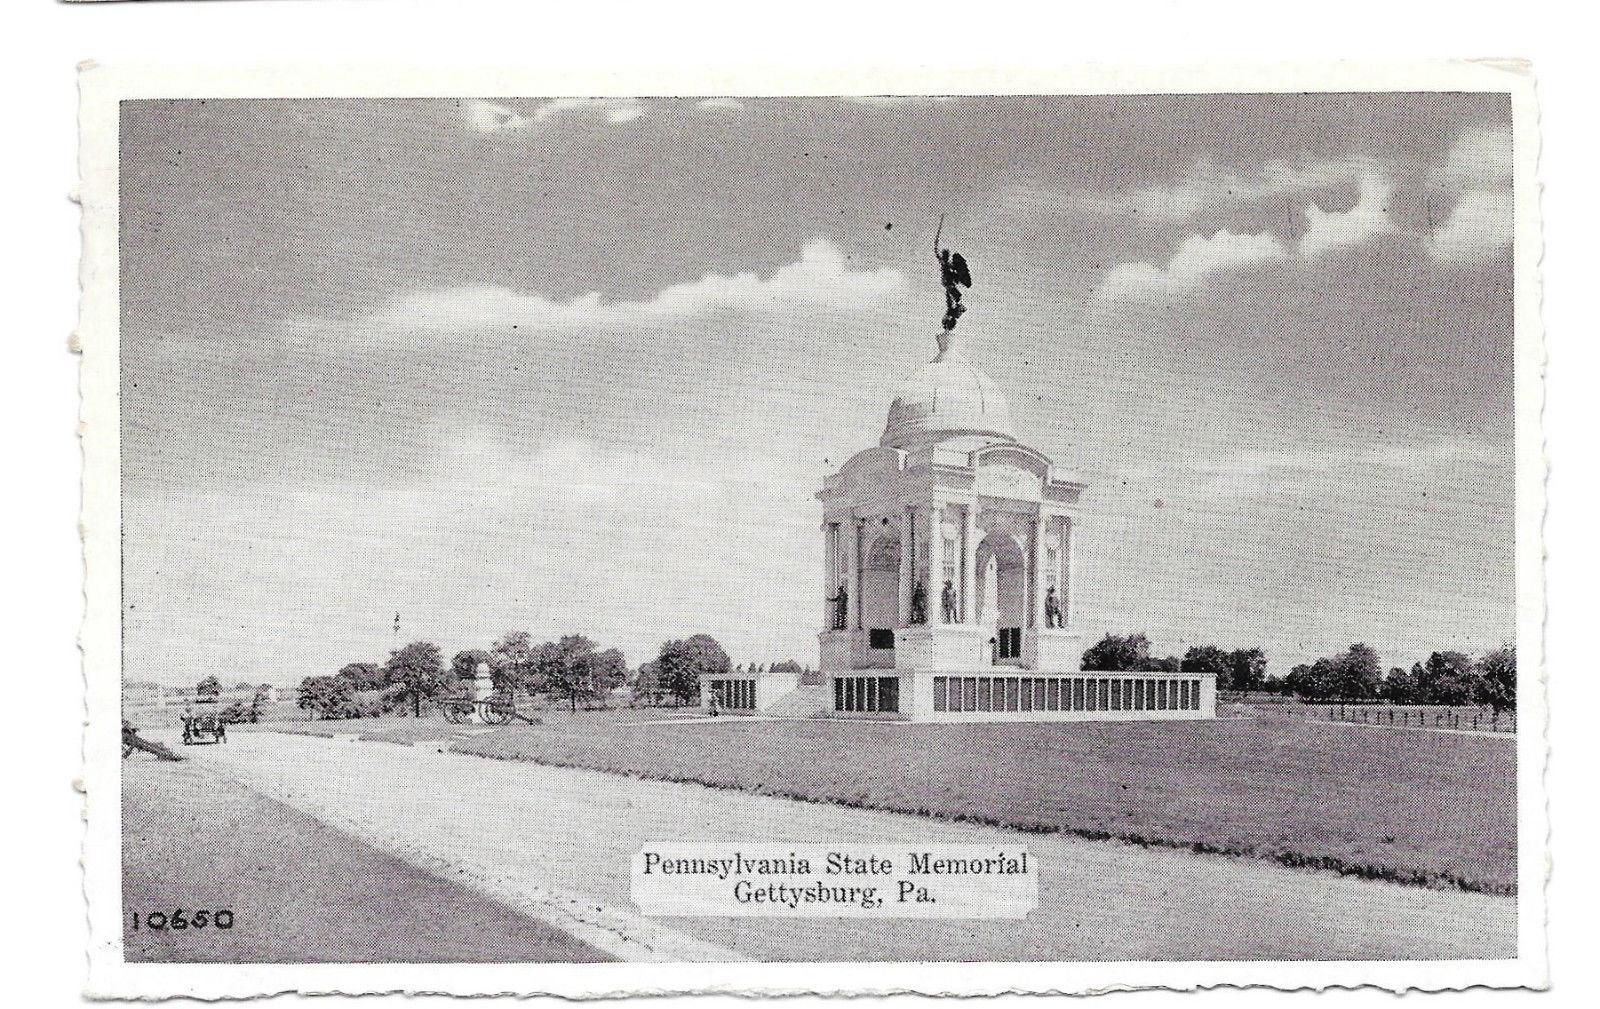 PA Gettysburg Pennsylvania State Memorial Civil War Vtg Buohl Postcard